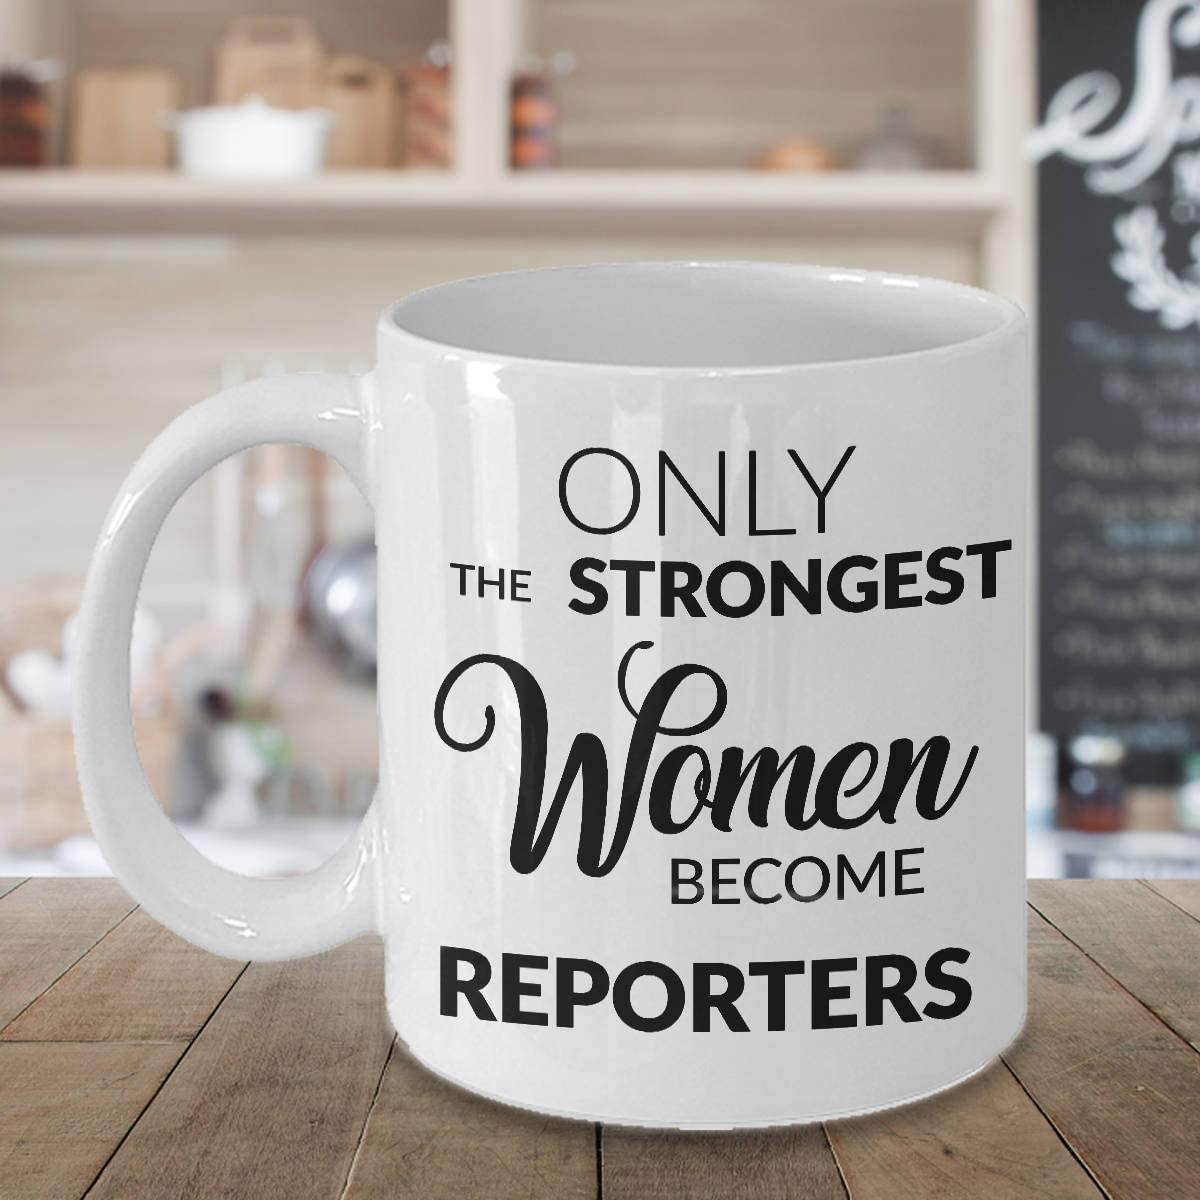 DKISEE Regalos para reporteros taza de Periodismo graduación taza solo las mujeres más fuertes se convierten en reporteros, taza de café regalo para periodistas, 325 ml